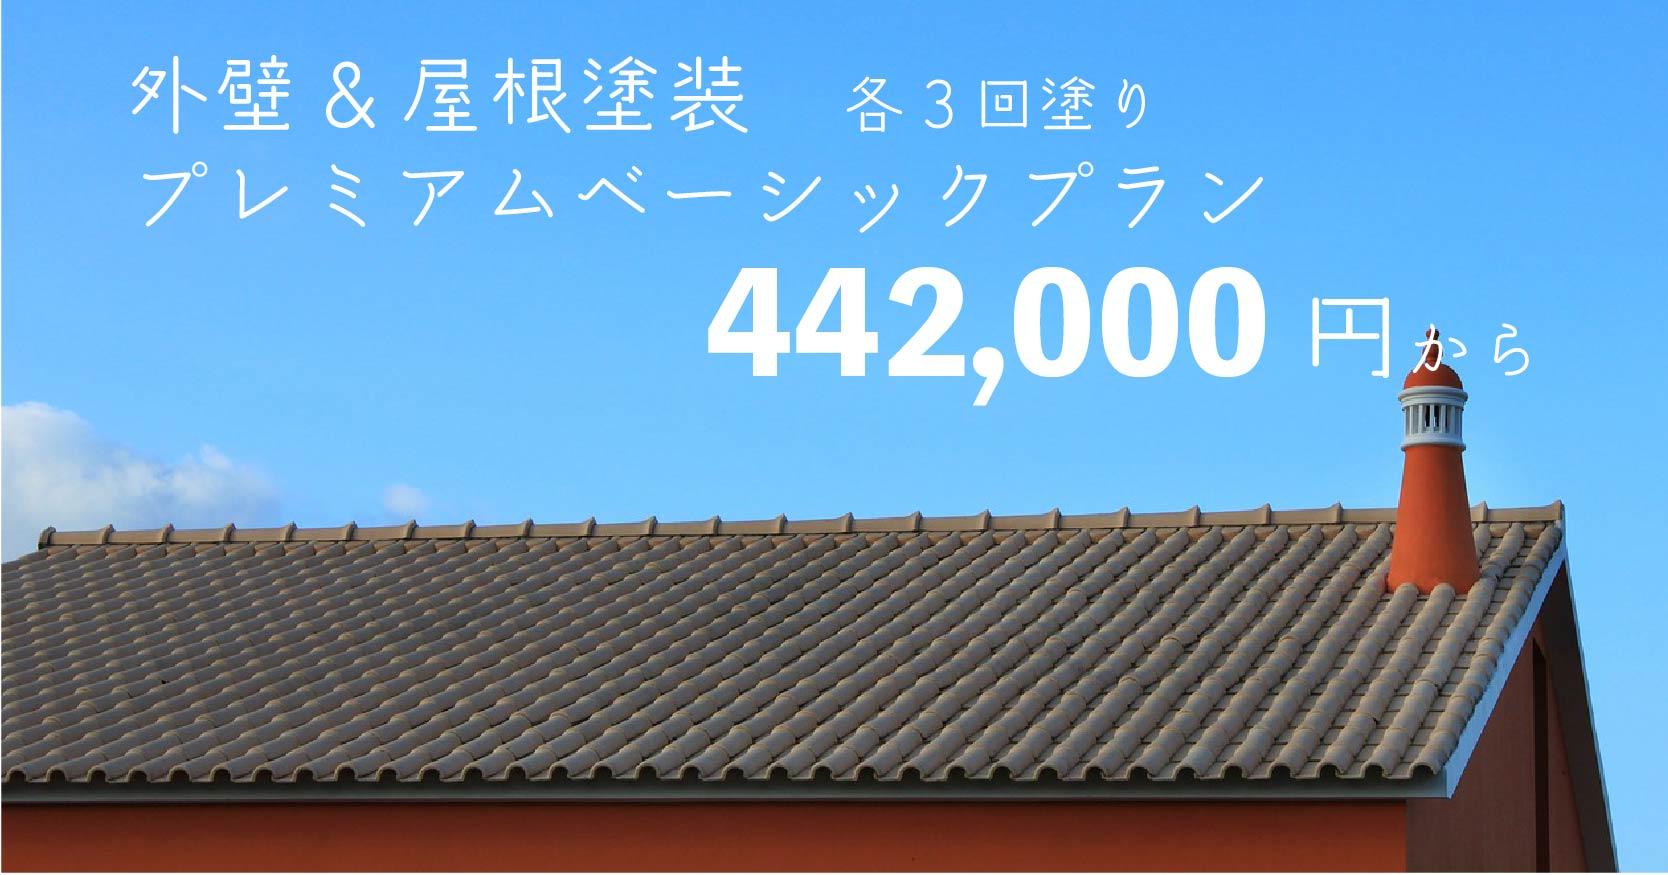 【札幌市】外壁屋根塗装プレミアムベーシック【RSi-15】】